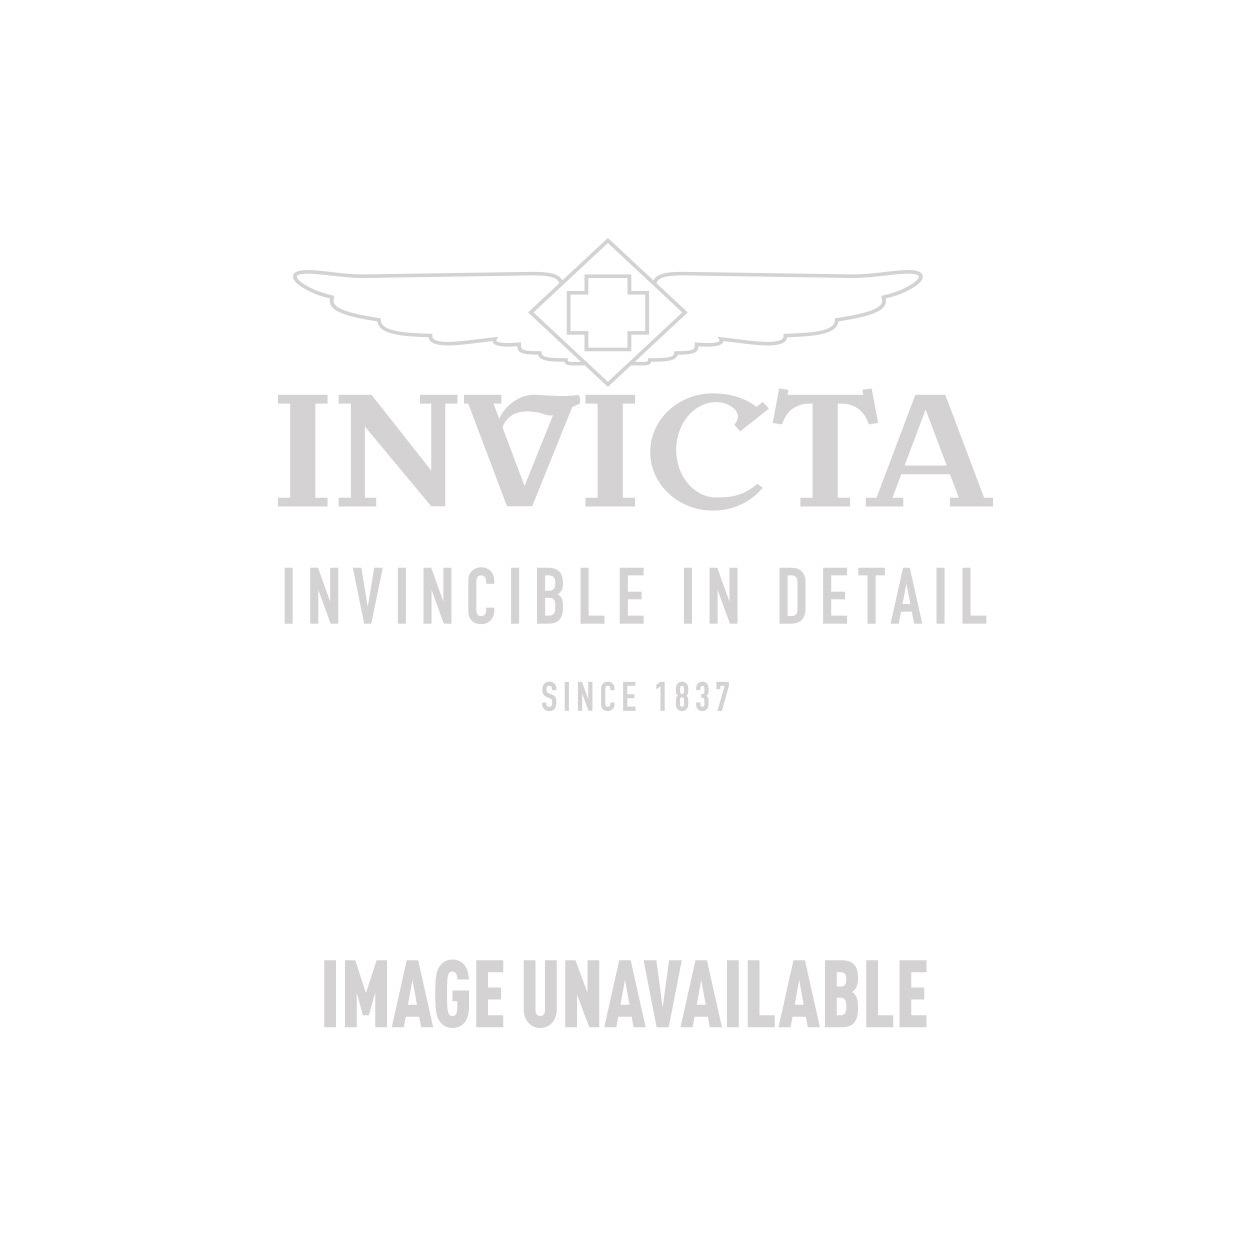 Invicta Model 23109